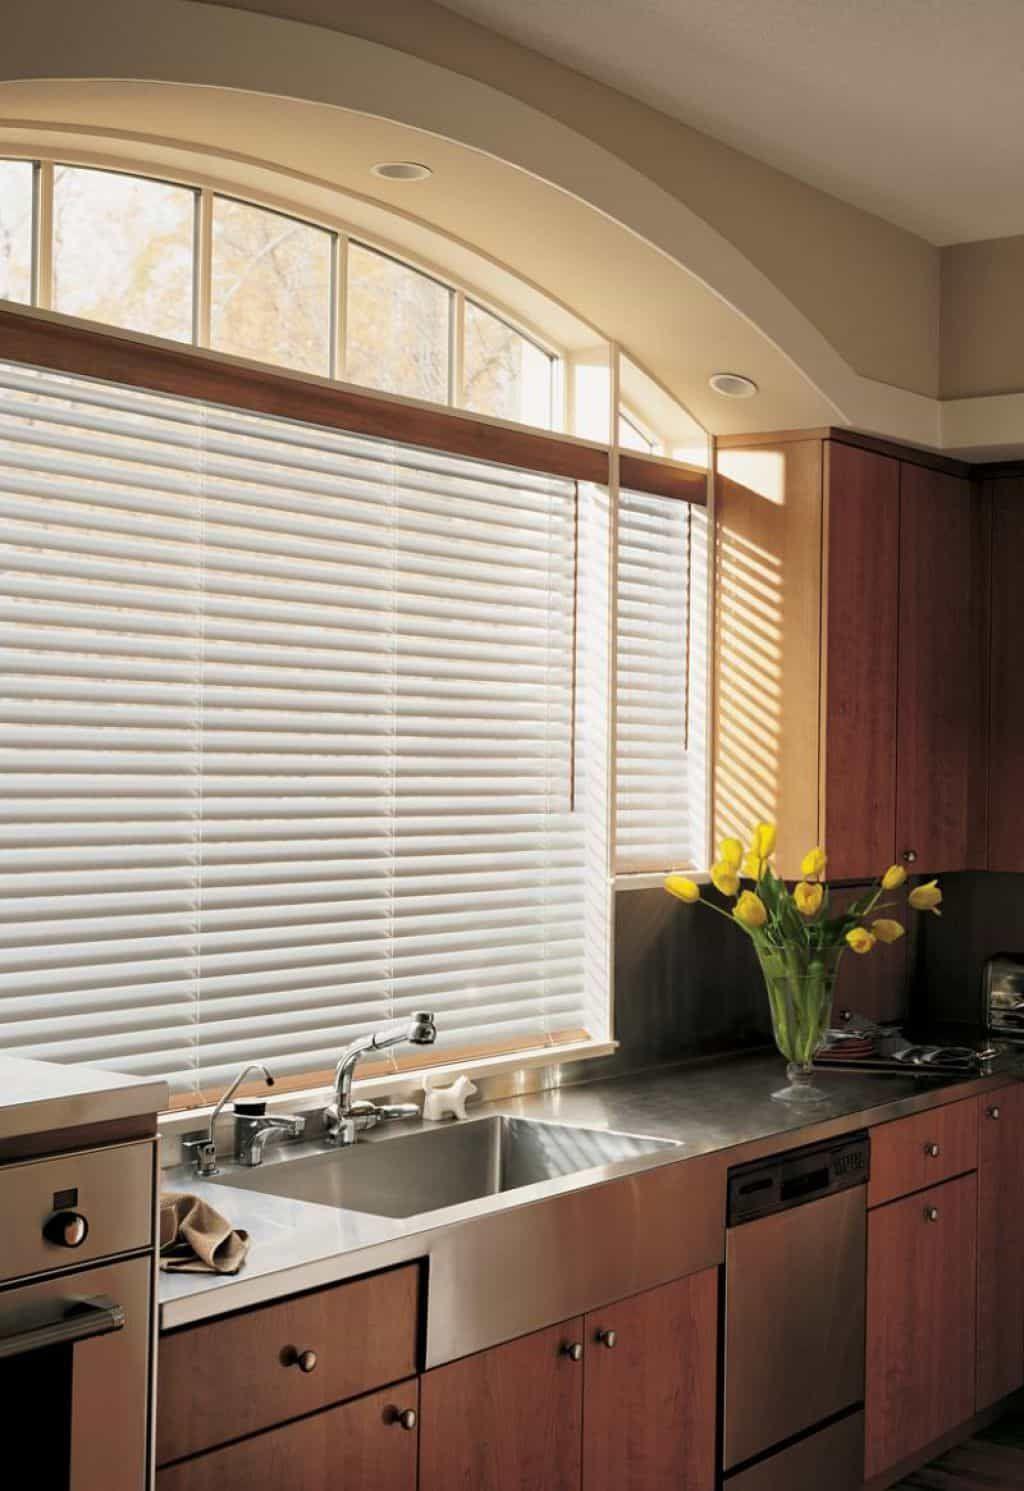 Funktionelle Und Dekorative Küche Fenster Jalousien Komfort ist der ...